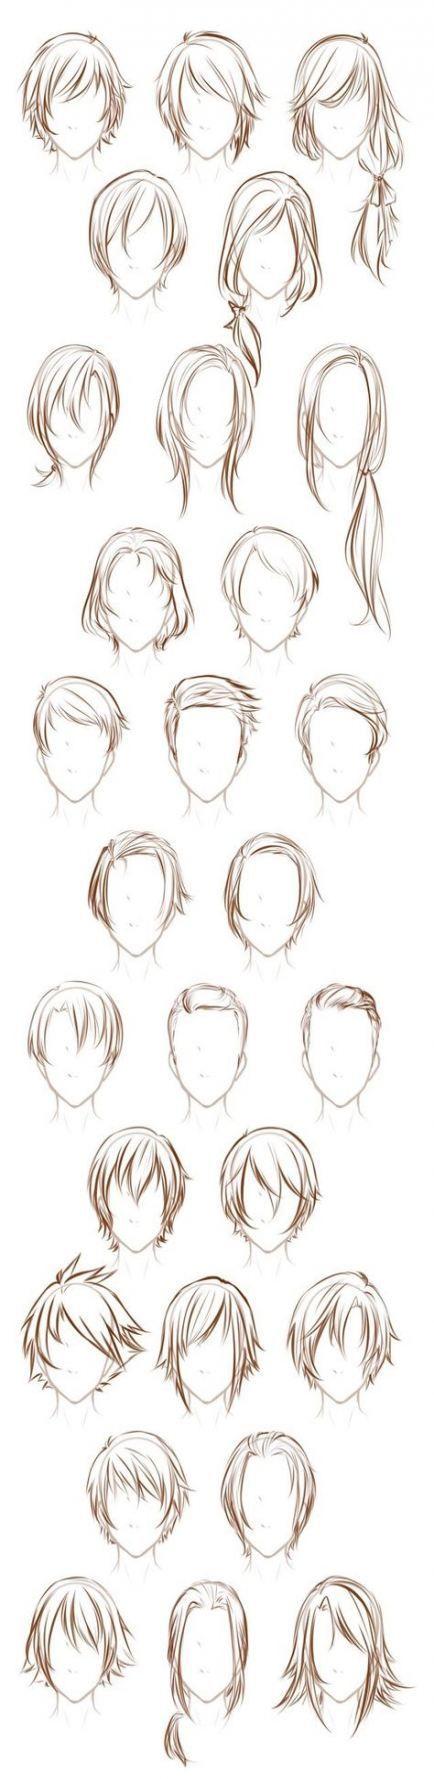 Tutoriel sur les cheveux: Dessin de personnages – Coiffures Anime 66 Idées  – Character Design Hair